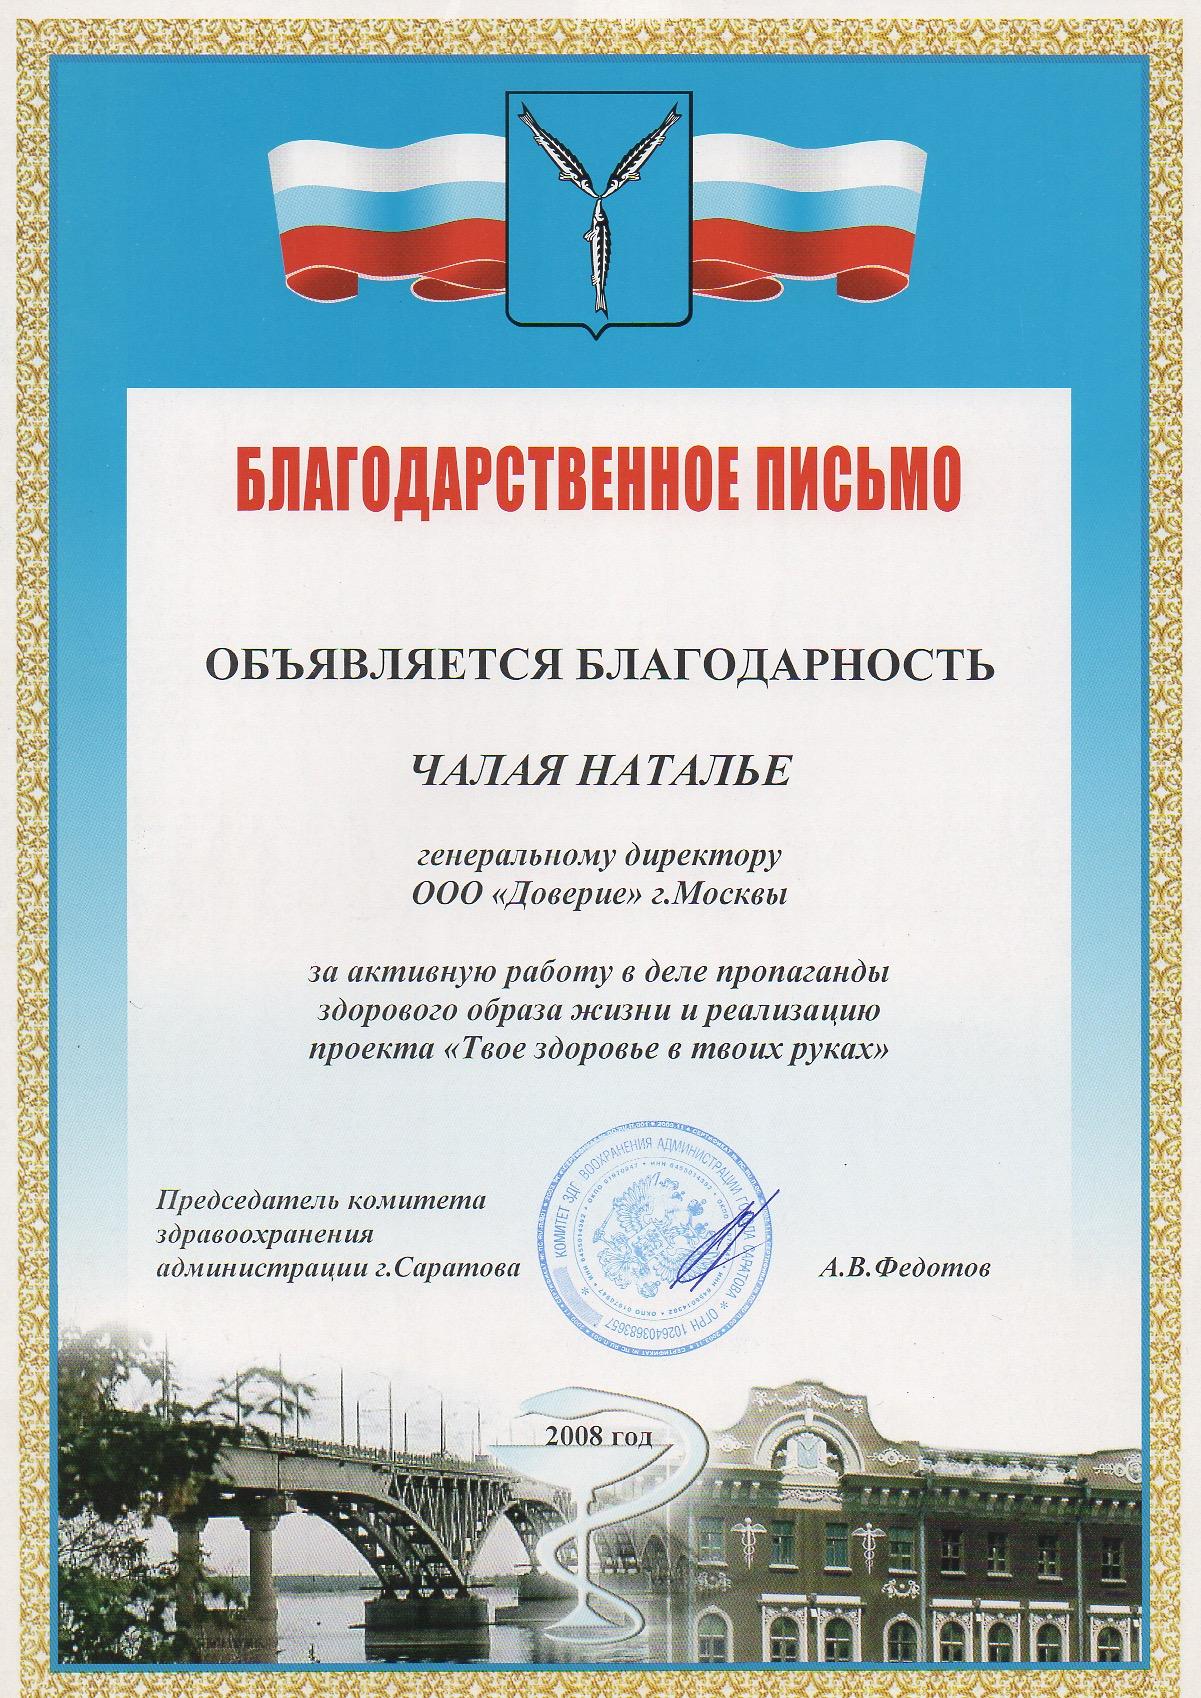 Саратов 2008 год